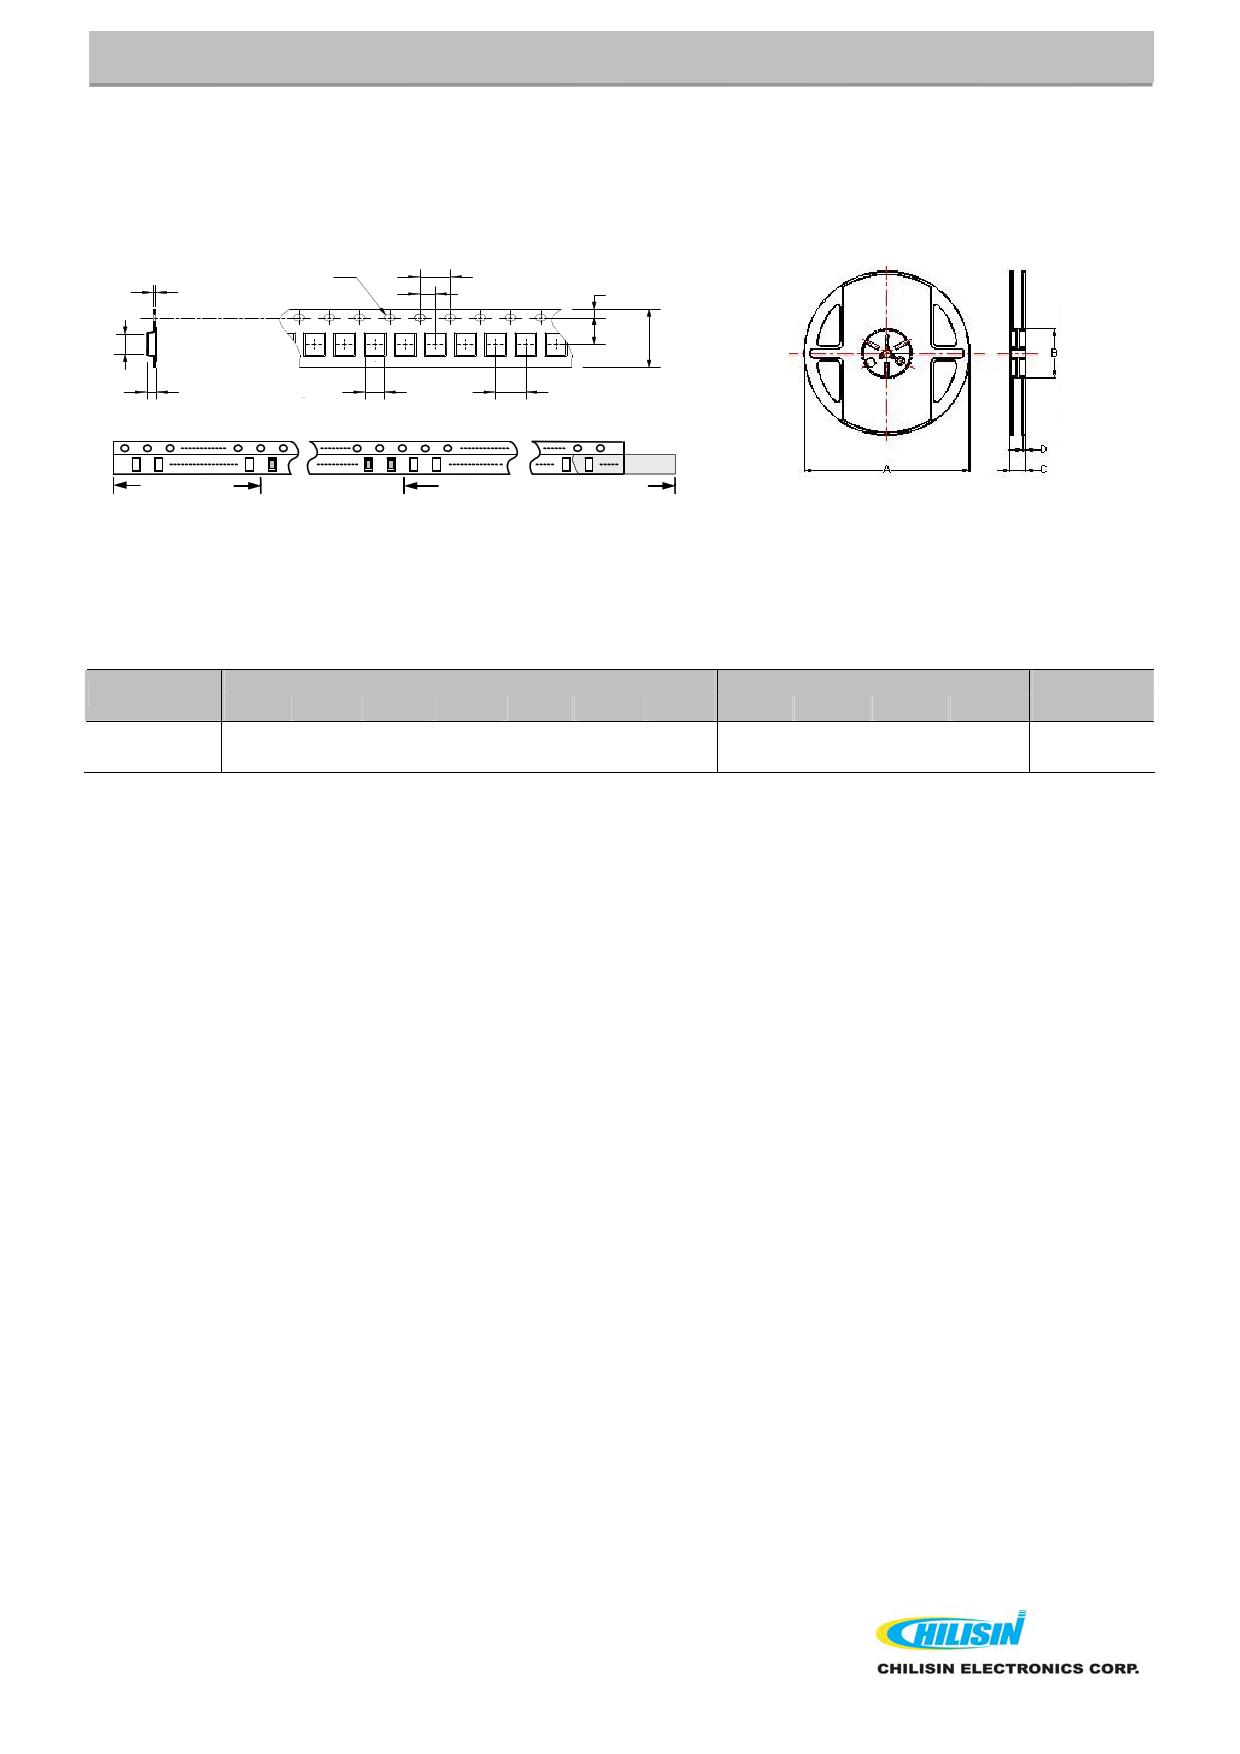 HQ1008 pdf, 반도체, 판매, 대치품